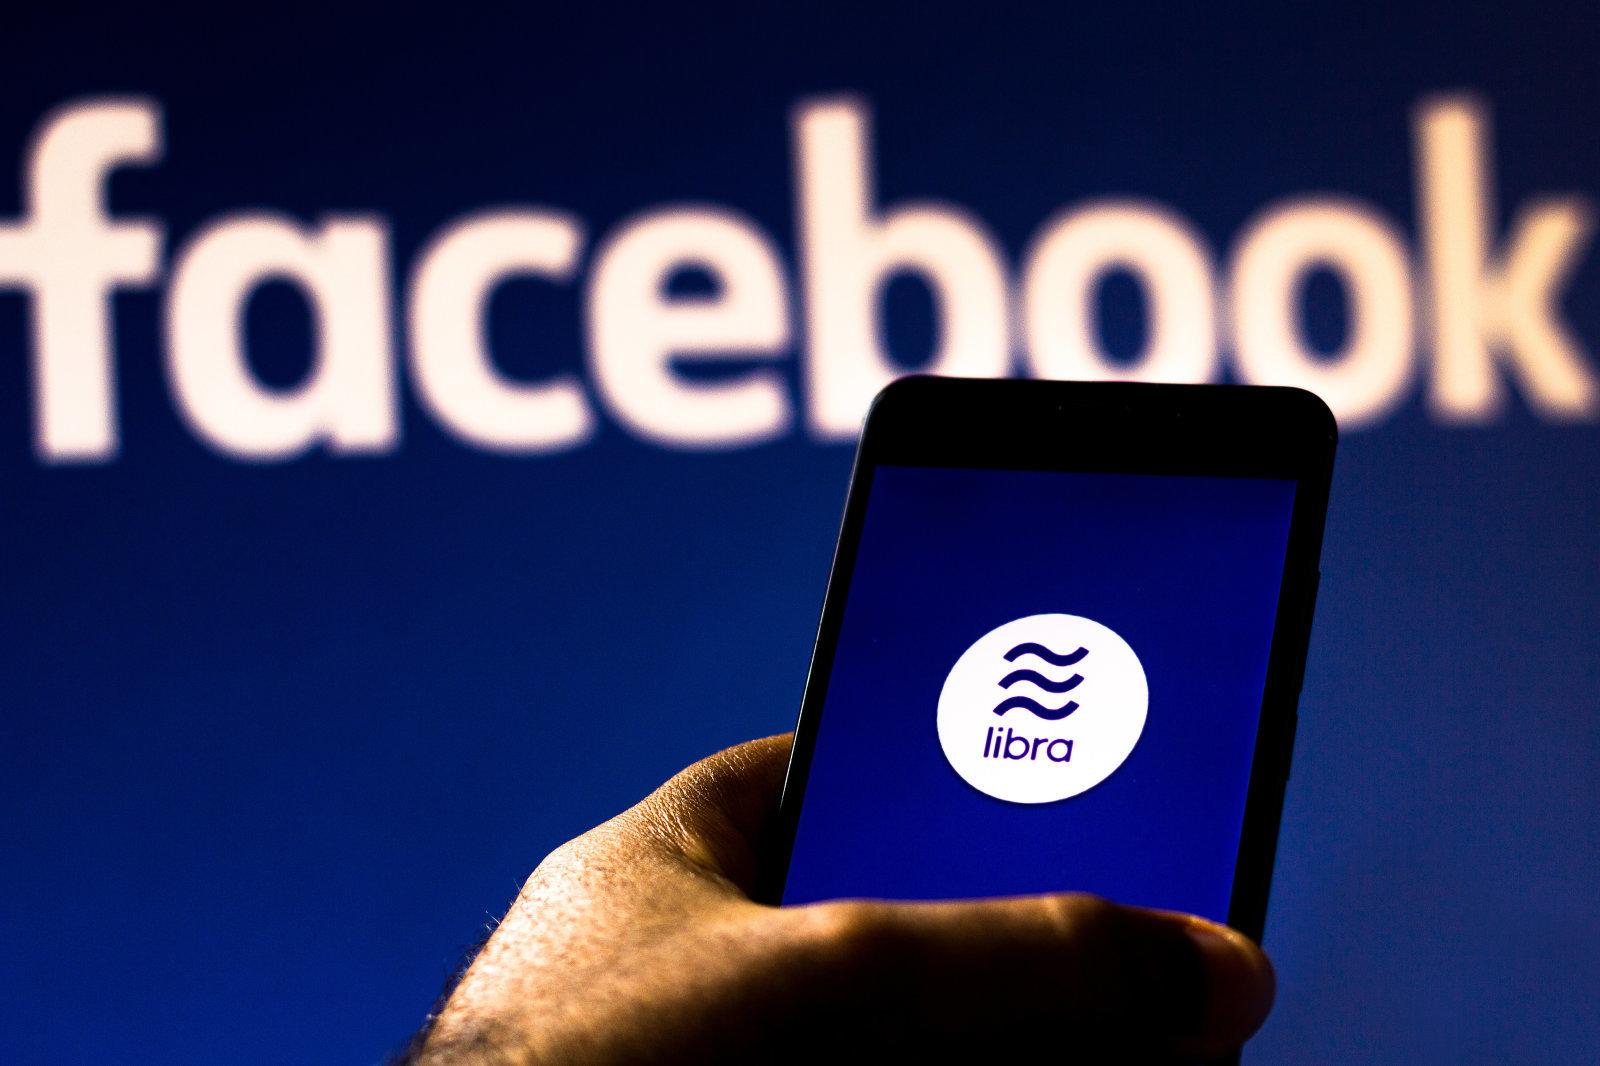 Еще одна международная компания отказалась от поддержки криптовалюты Facebook